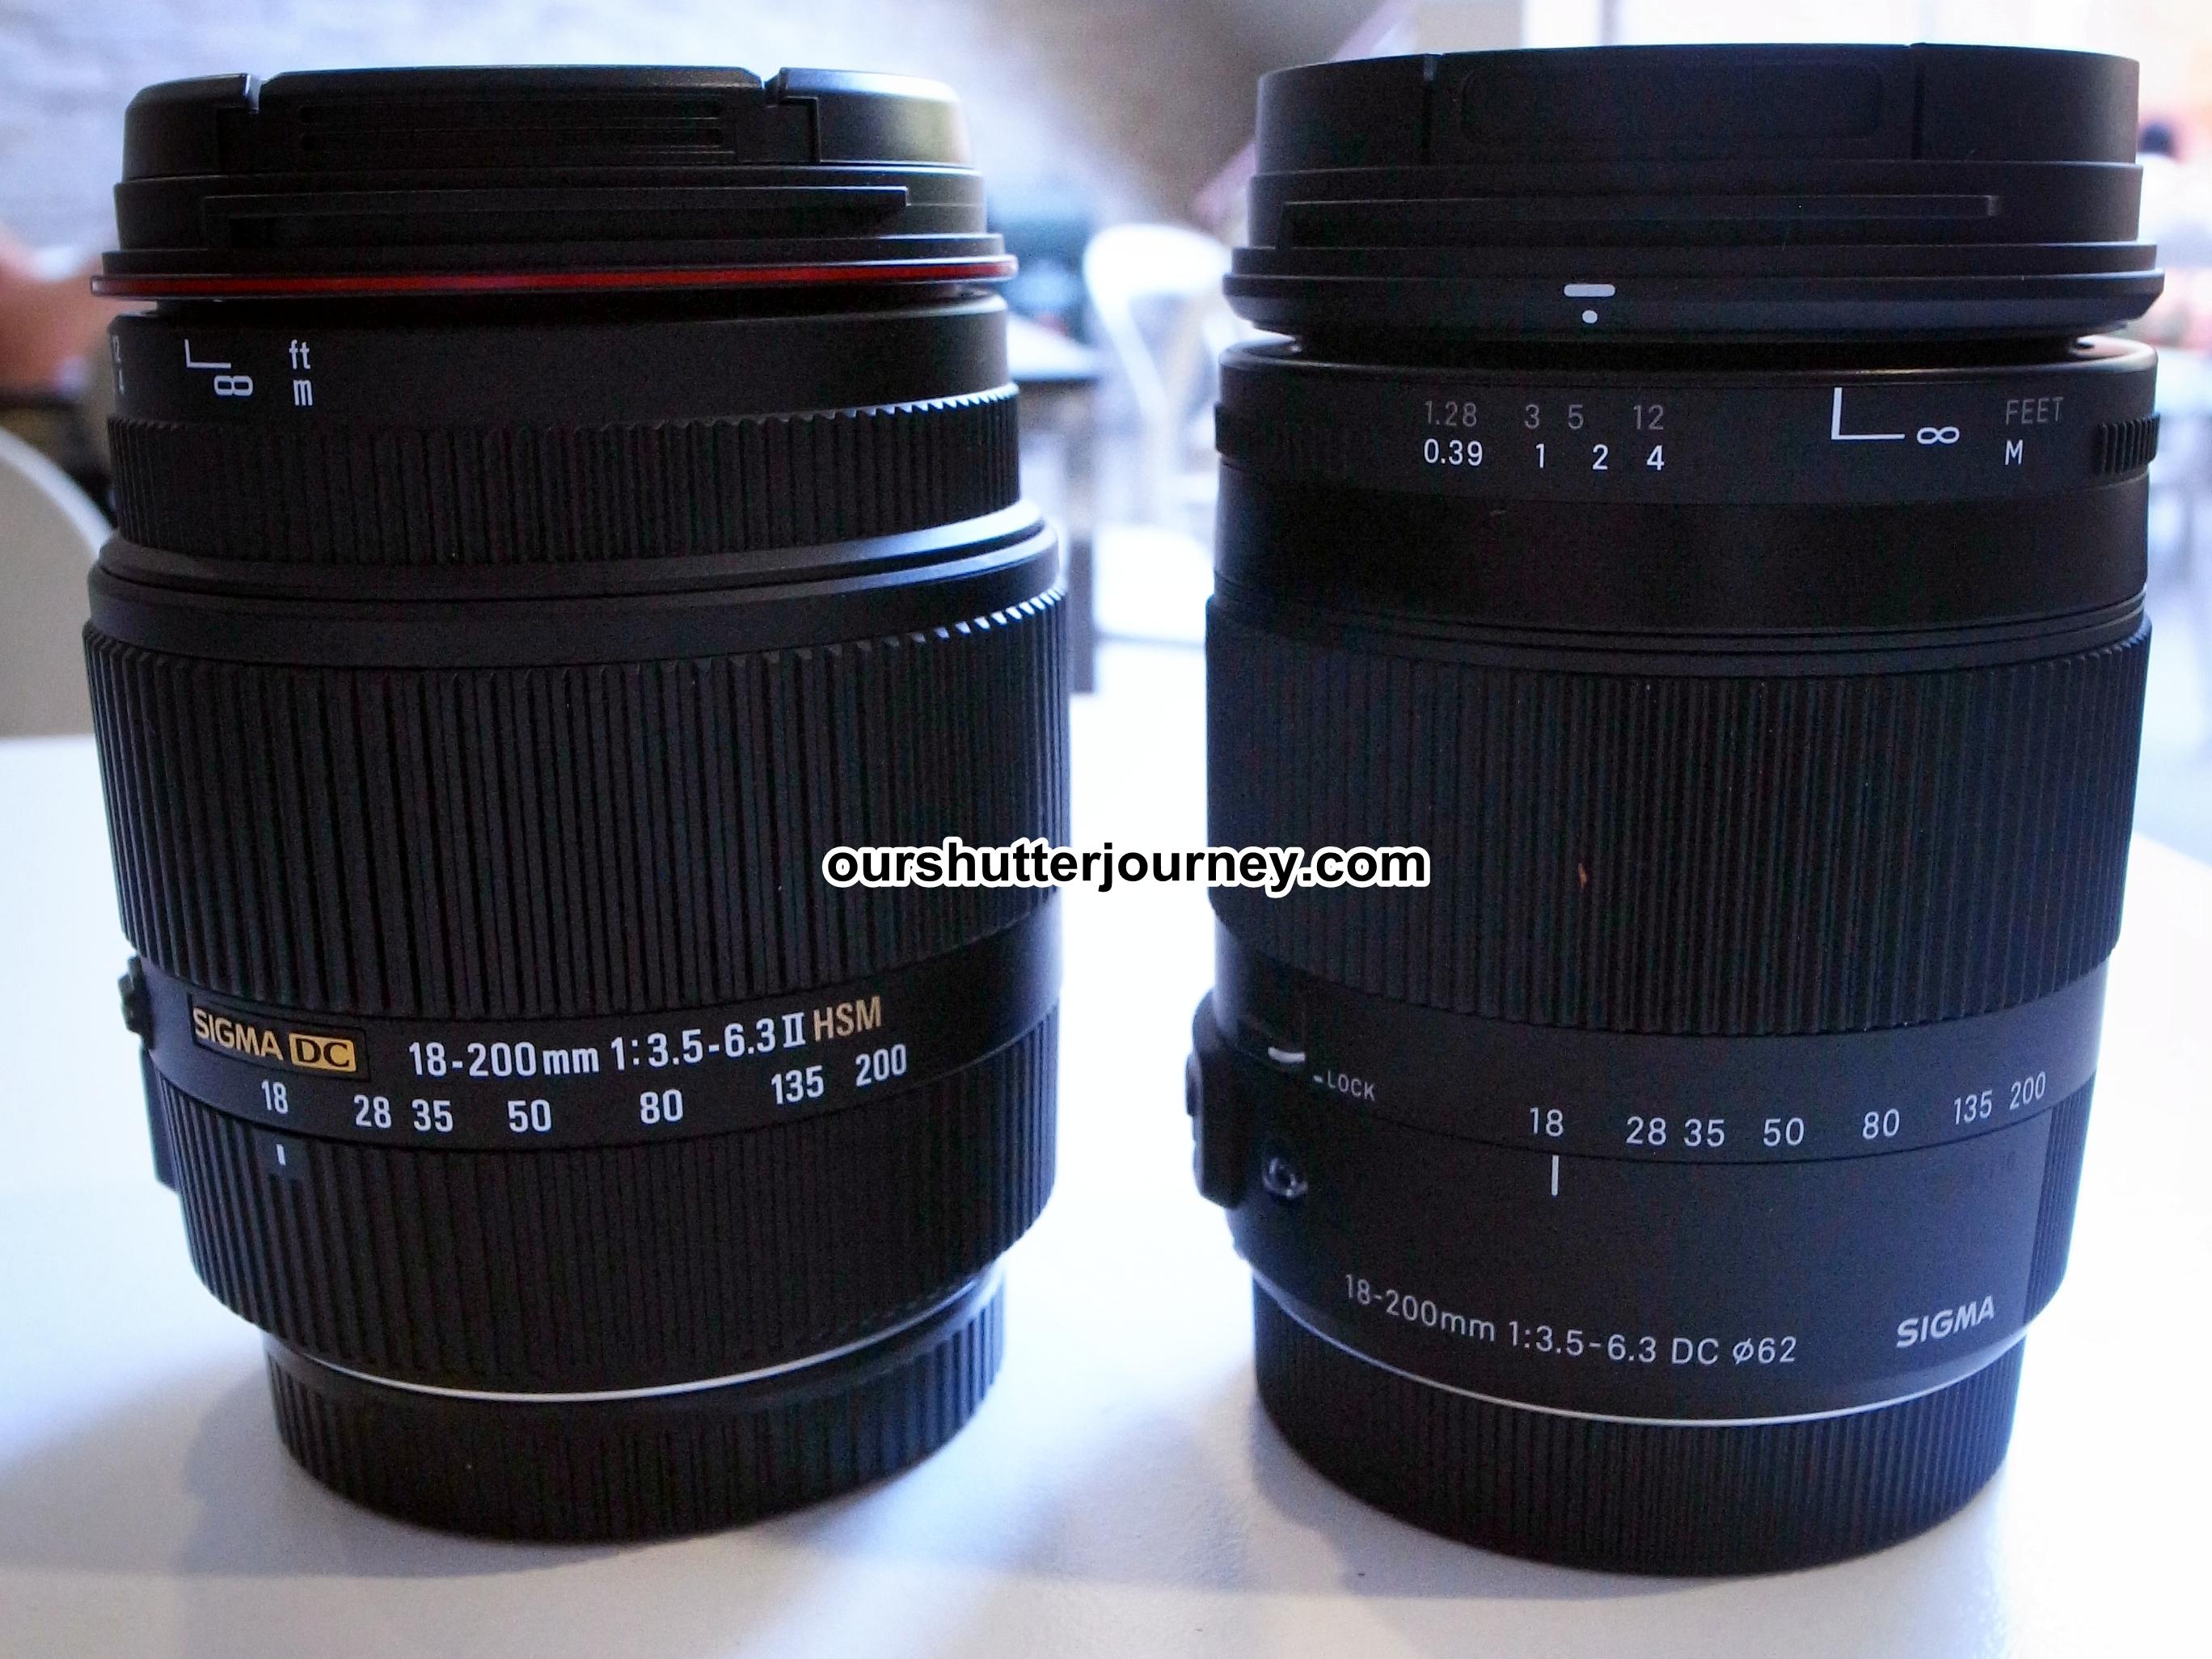 Sigma 18-200mm f/3.5-6.3 DC Macro Contemporary Lens Review